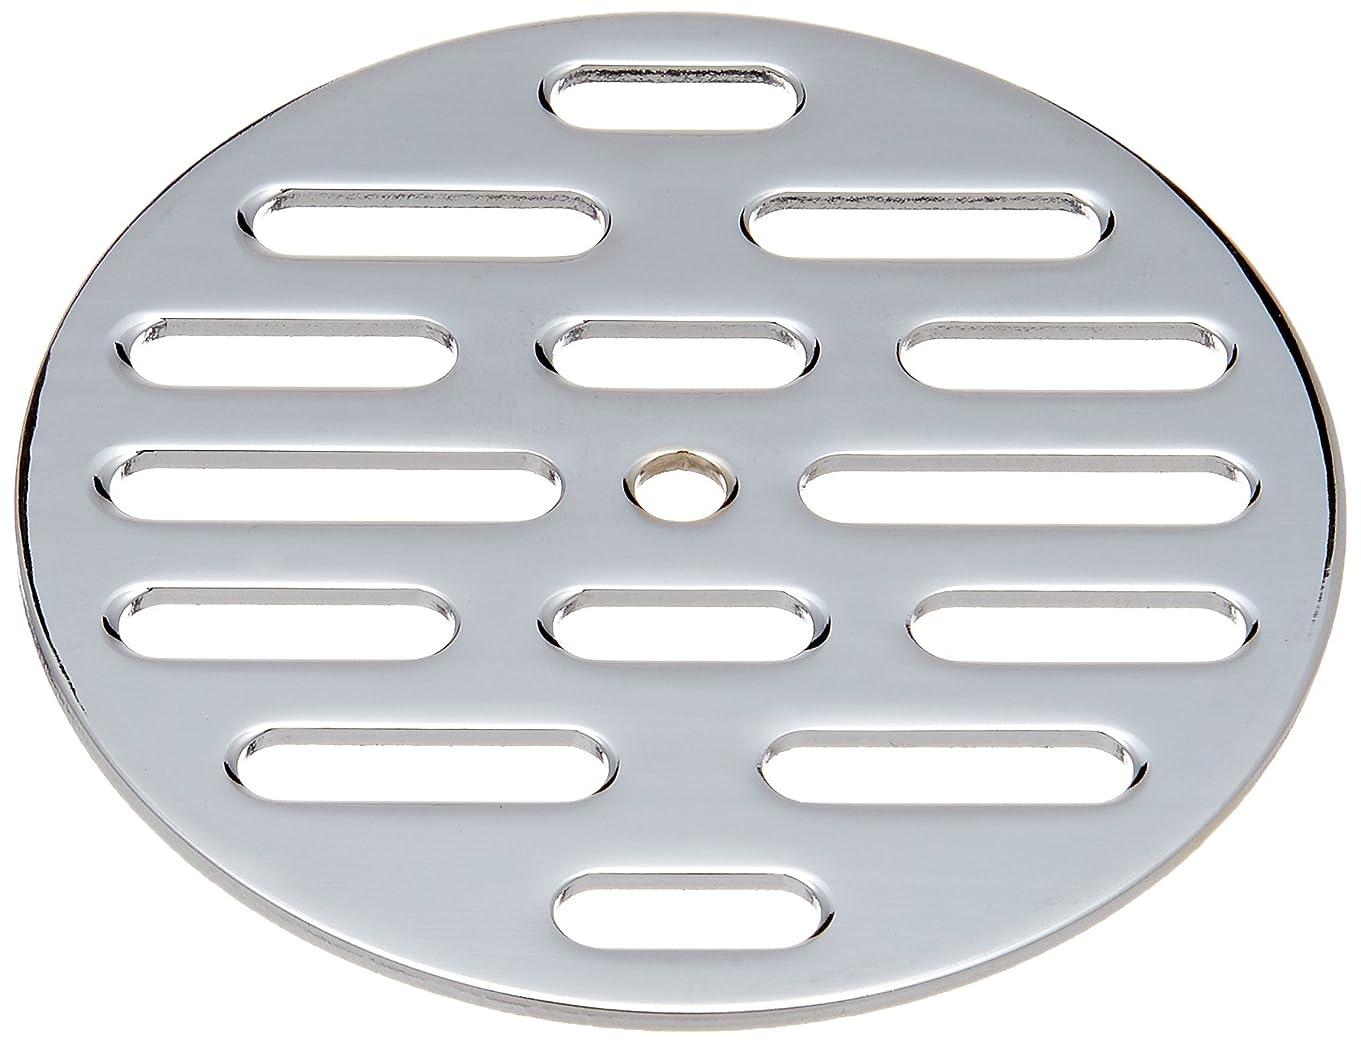 キウイアミューズメント話SANEI 【排水口のゴミよけ目皿】排水用皿 直径89mm H40F-89